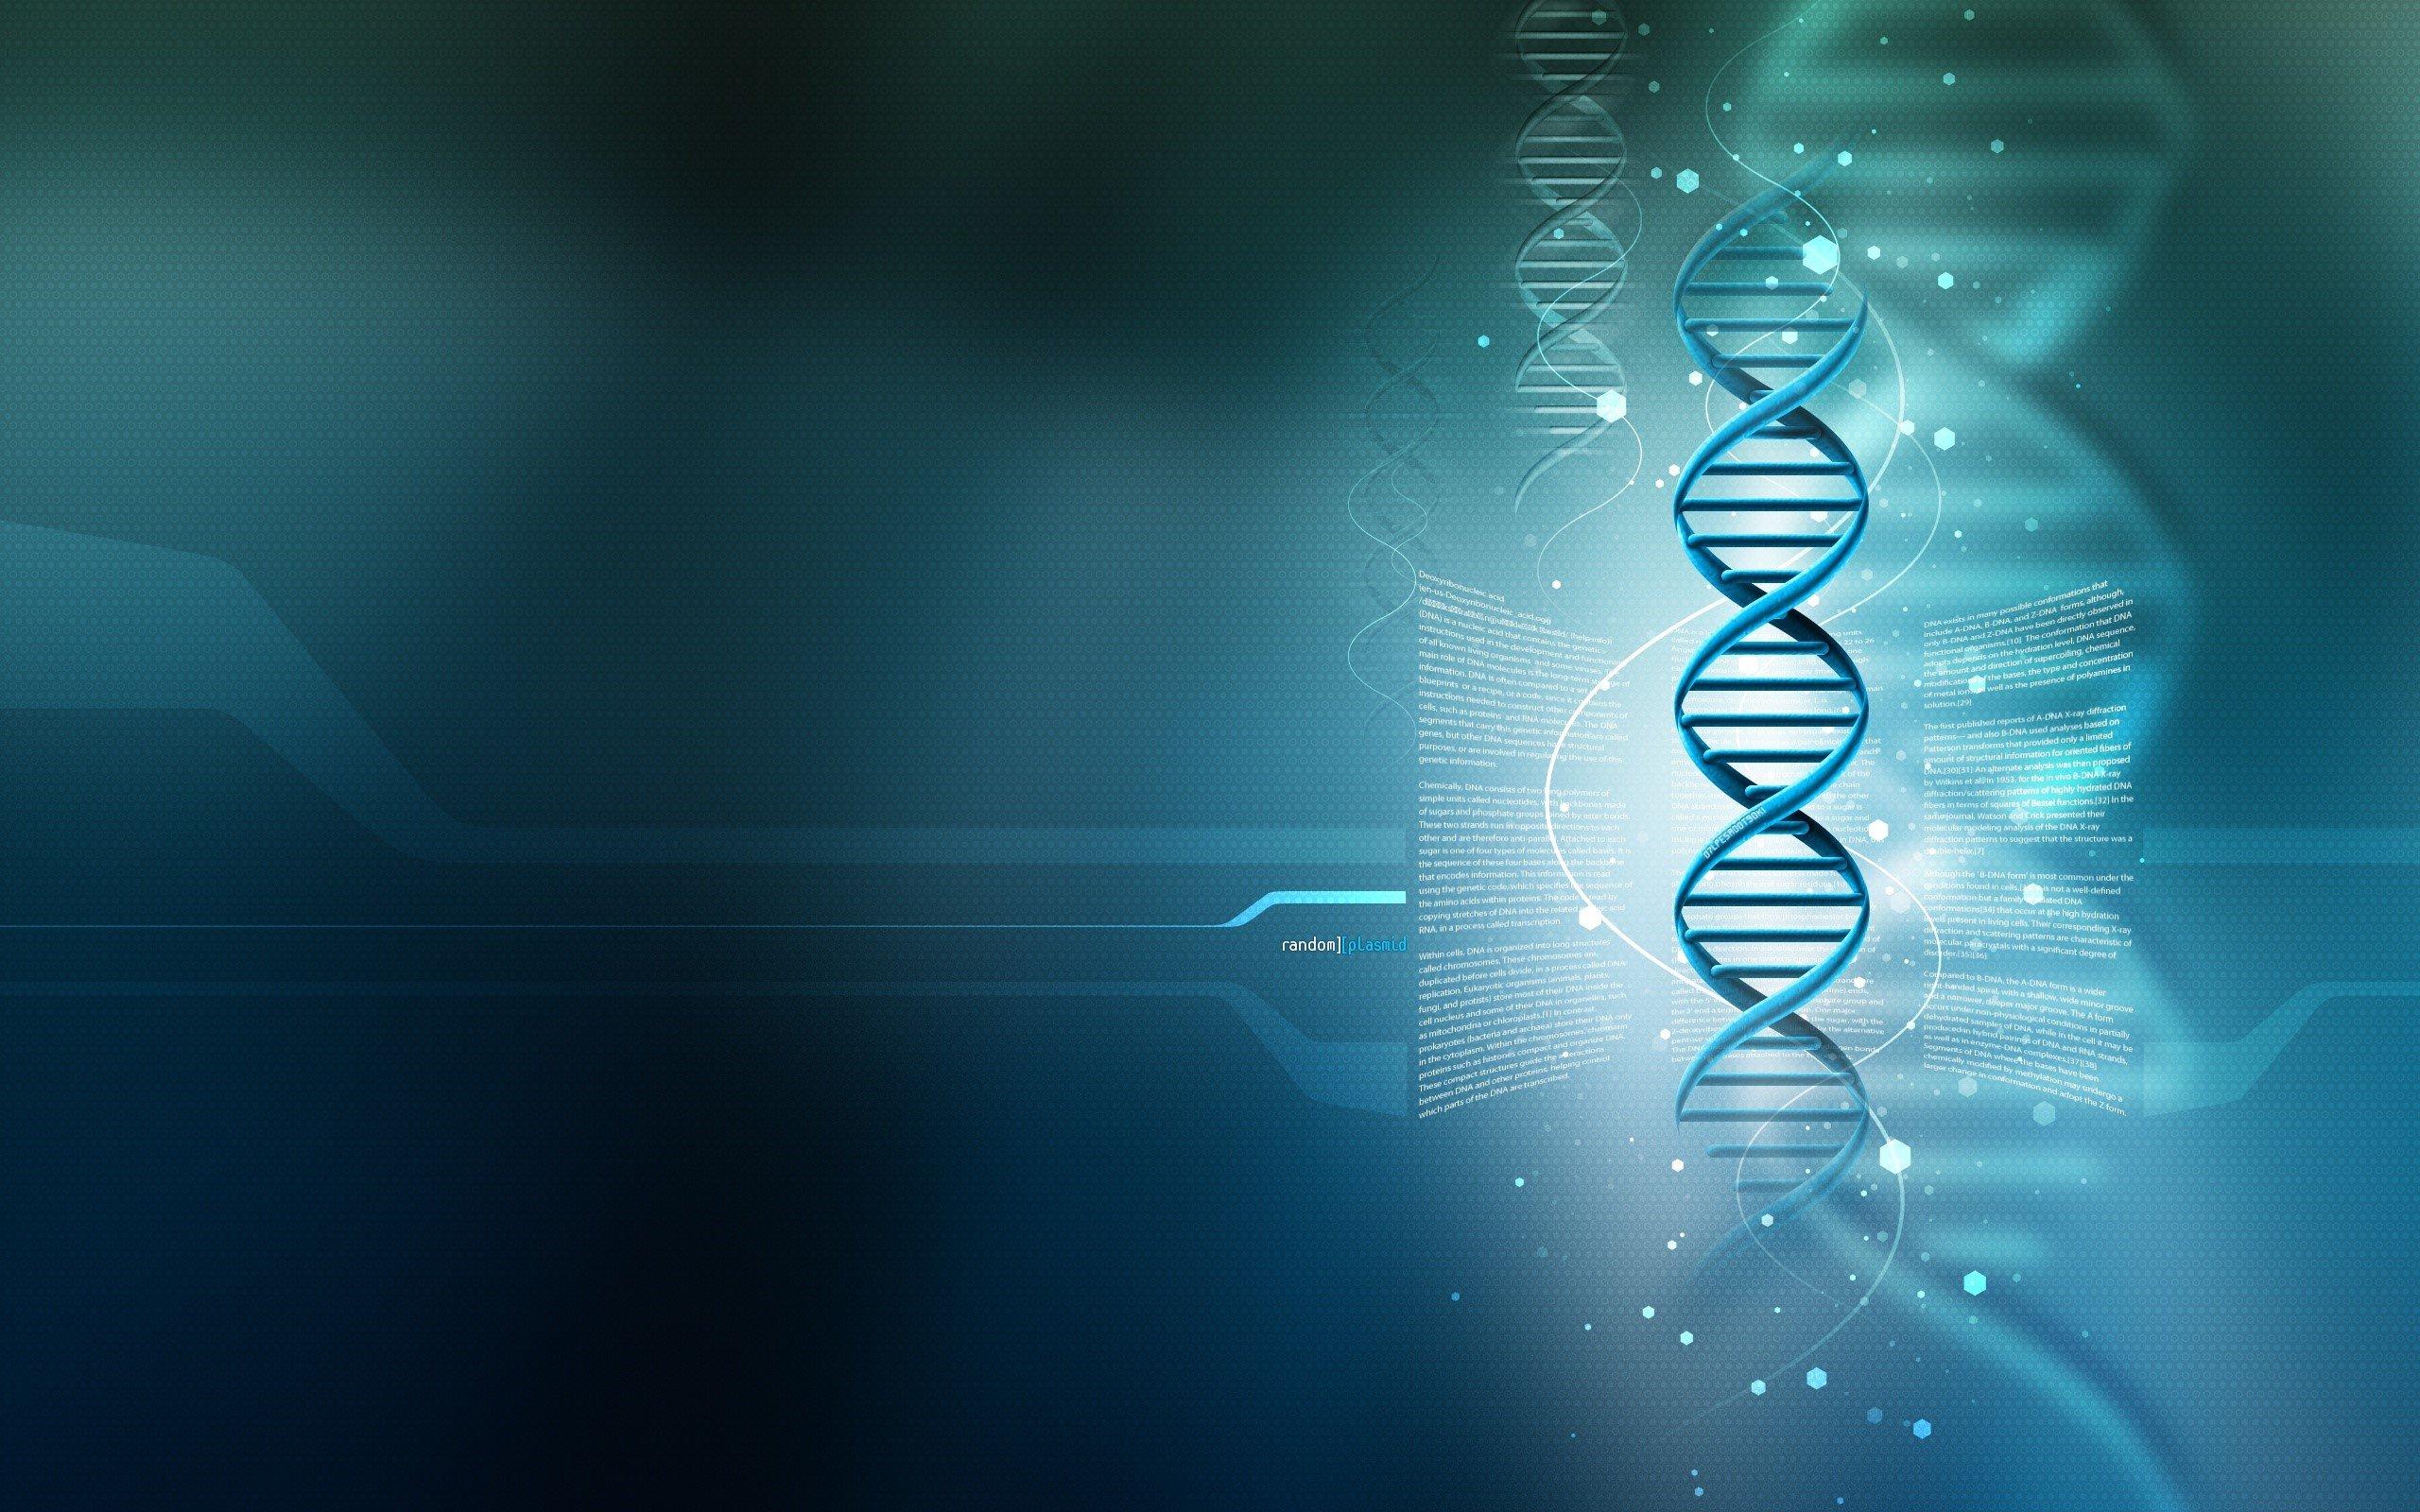 Fondos de pantalla ADN